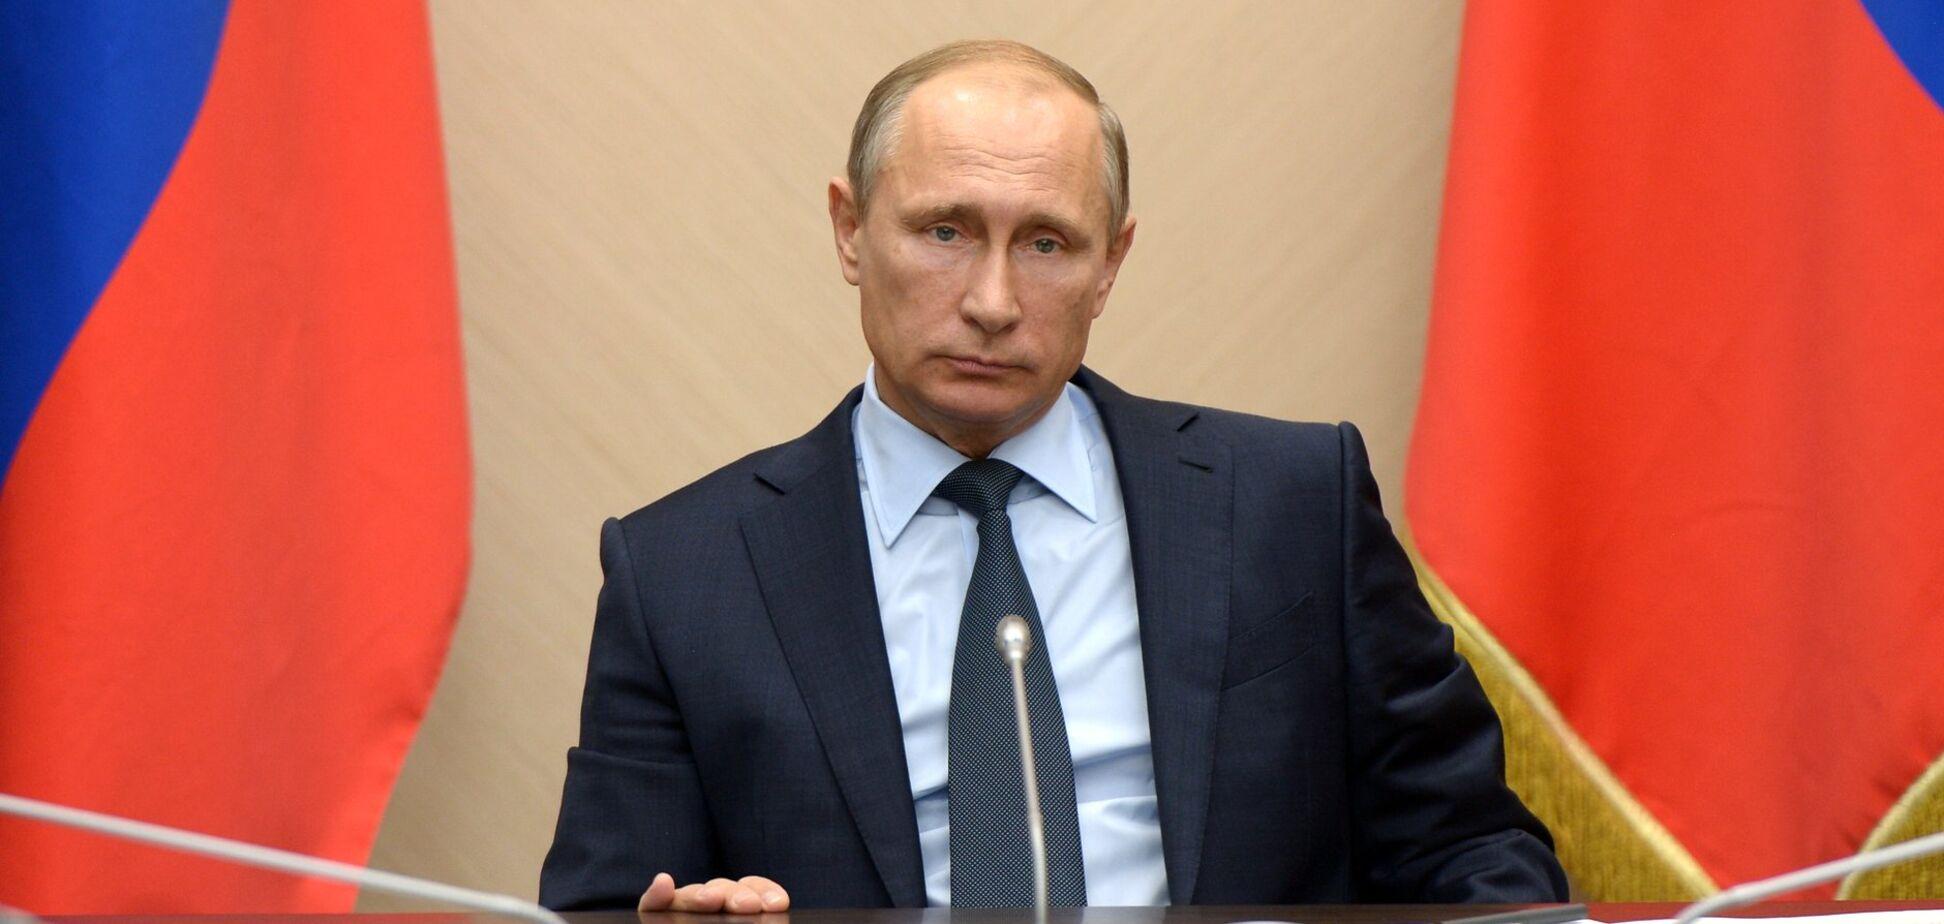 'Предыдущий план провалился': в РФ озвучена новая тактика Путина по Донбассу